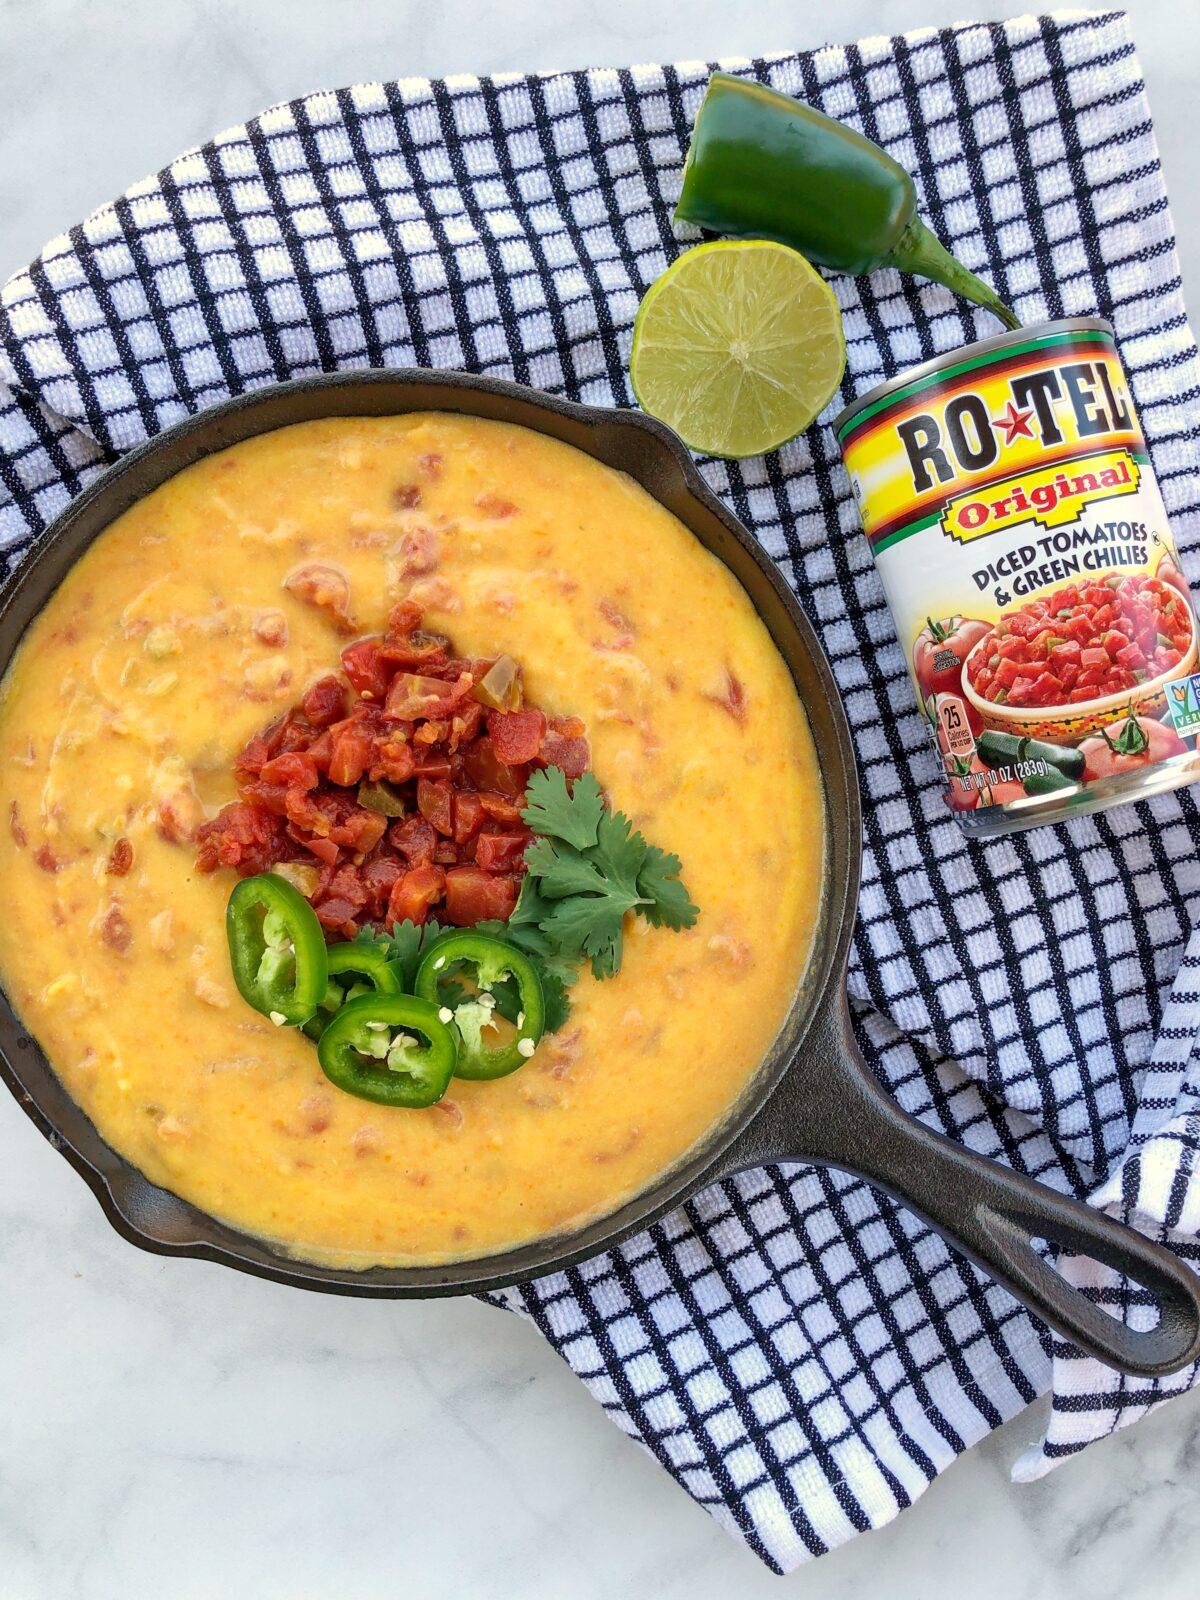 Dairy Free Chile con Queso Recipe ROTEL